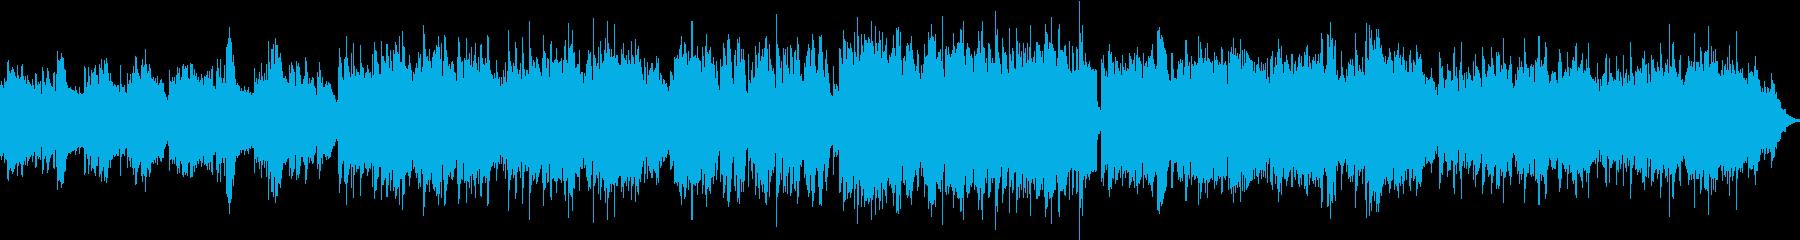 キラキラしたサウンドで、ナレーションの…の再生済みの波形